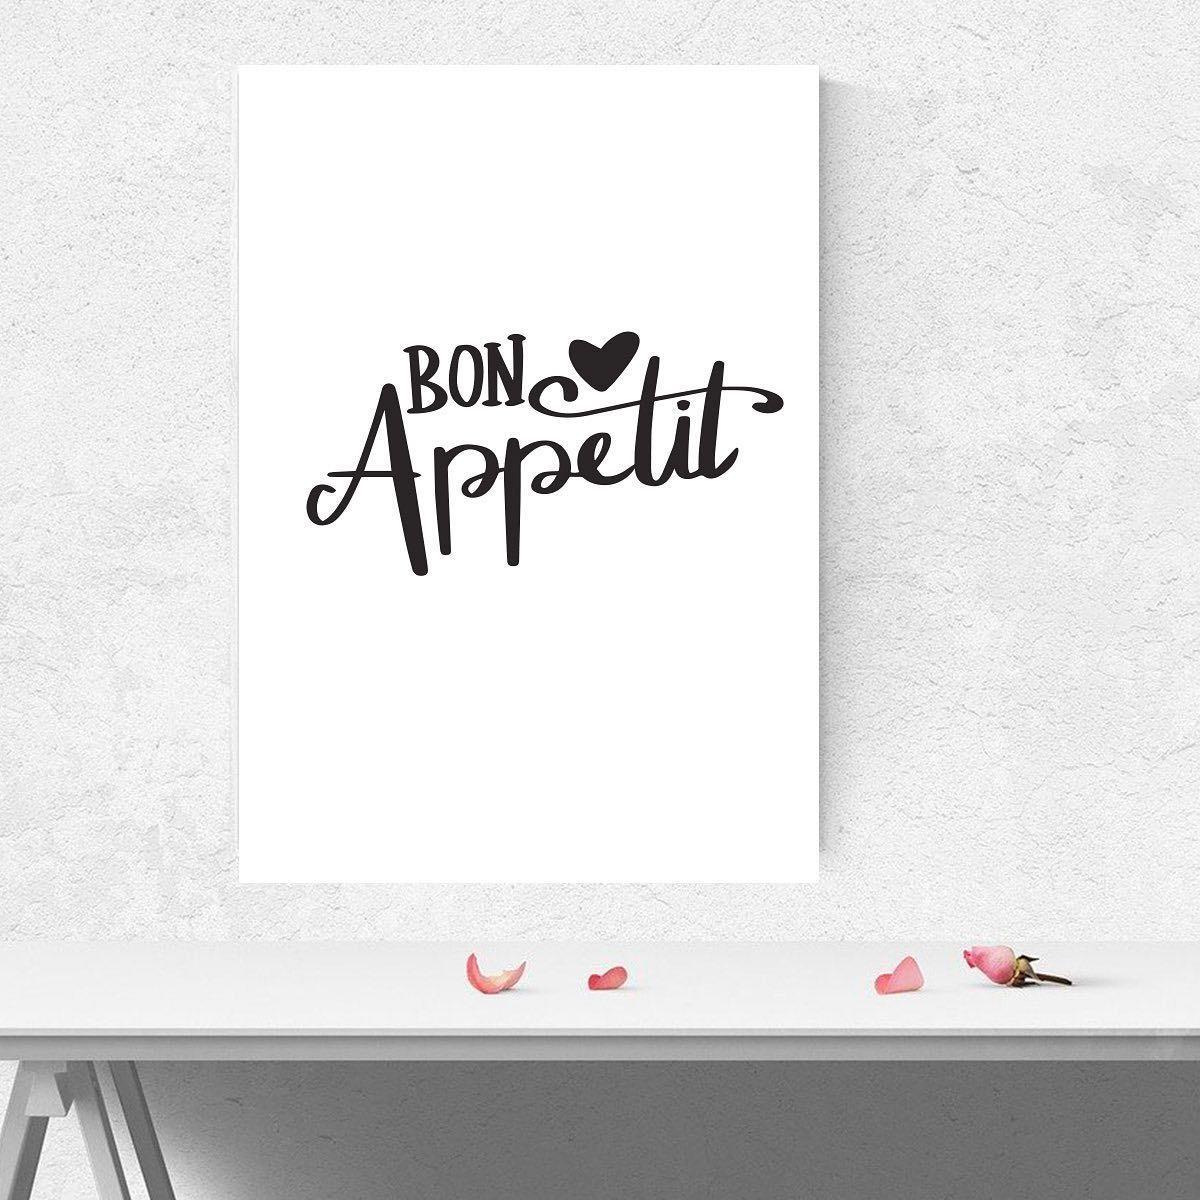 Bon appétit !!! - - - #affiche #poster #cadre #deco #cuisine